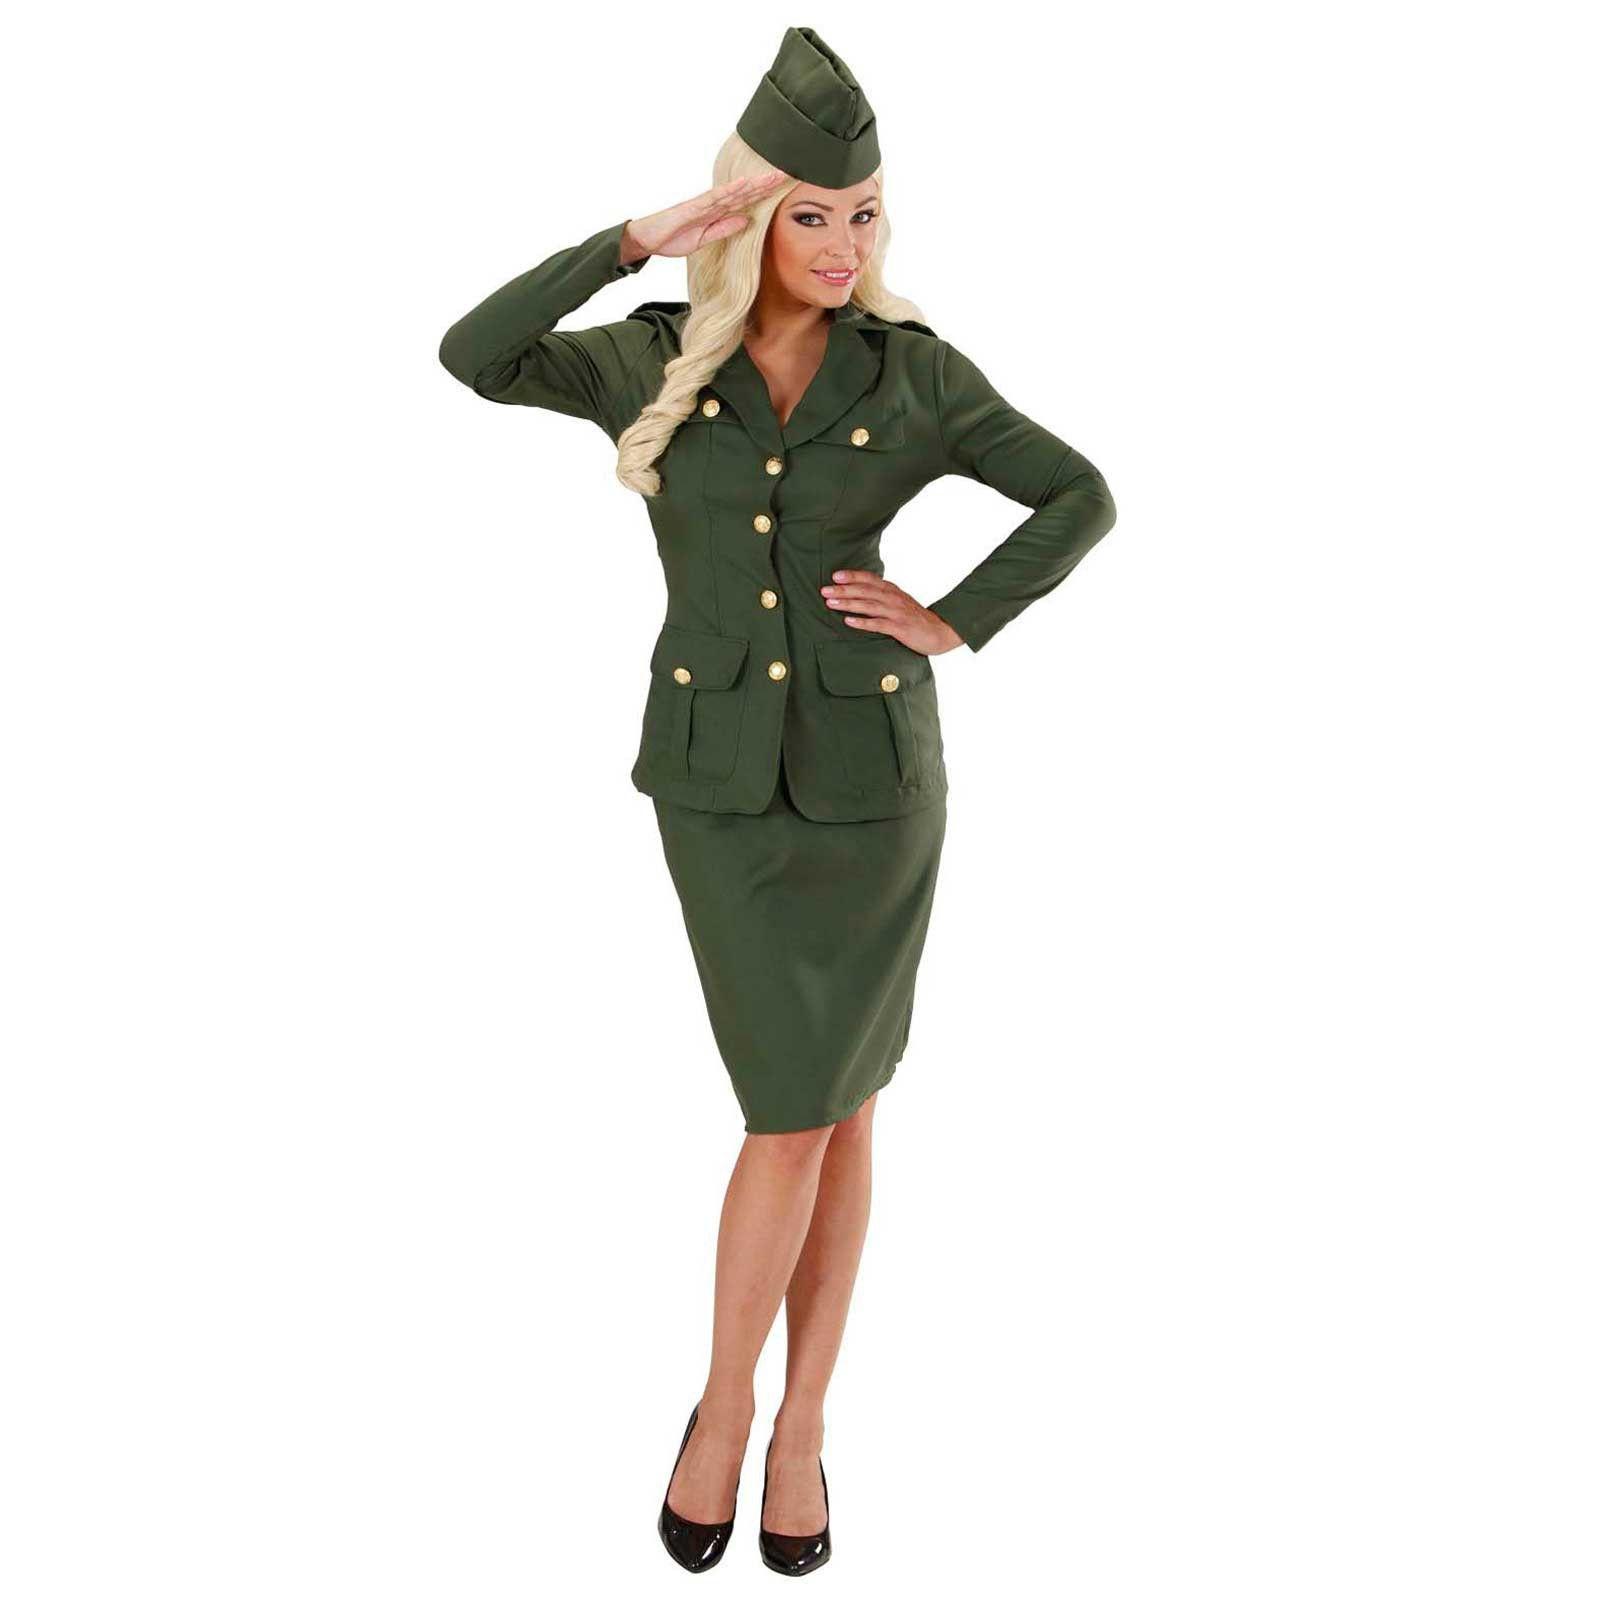 Disfraz de Chica Soldado Segunda Guerra Mundial Adulto 6ab21c1b7b9